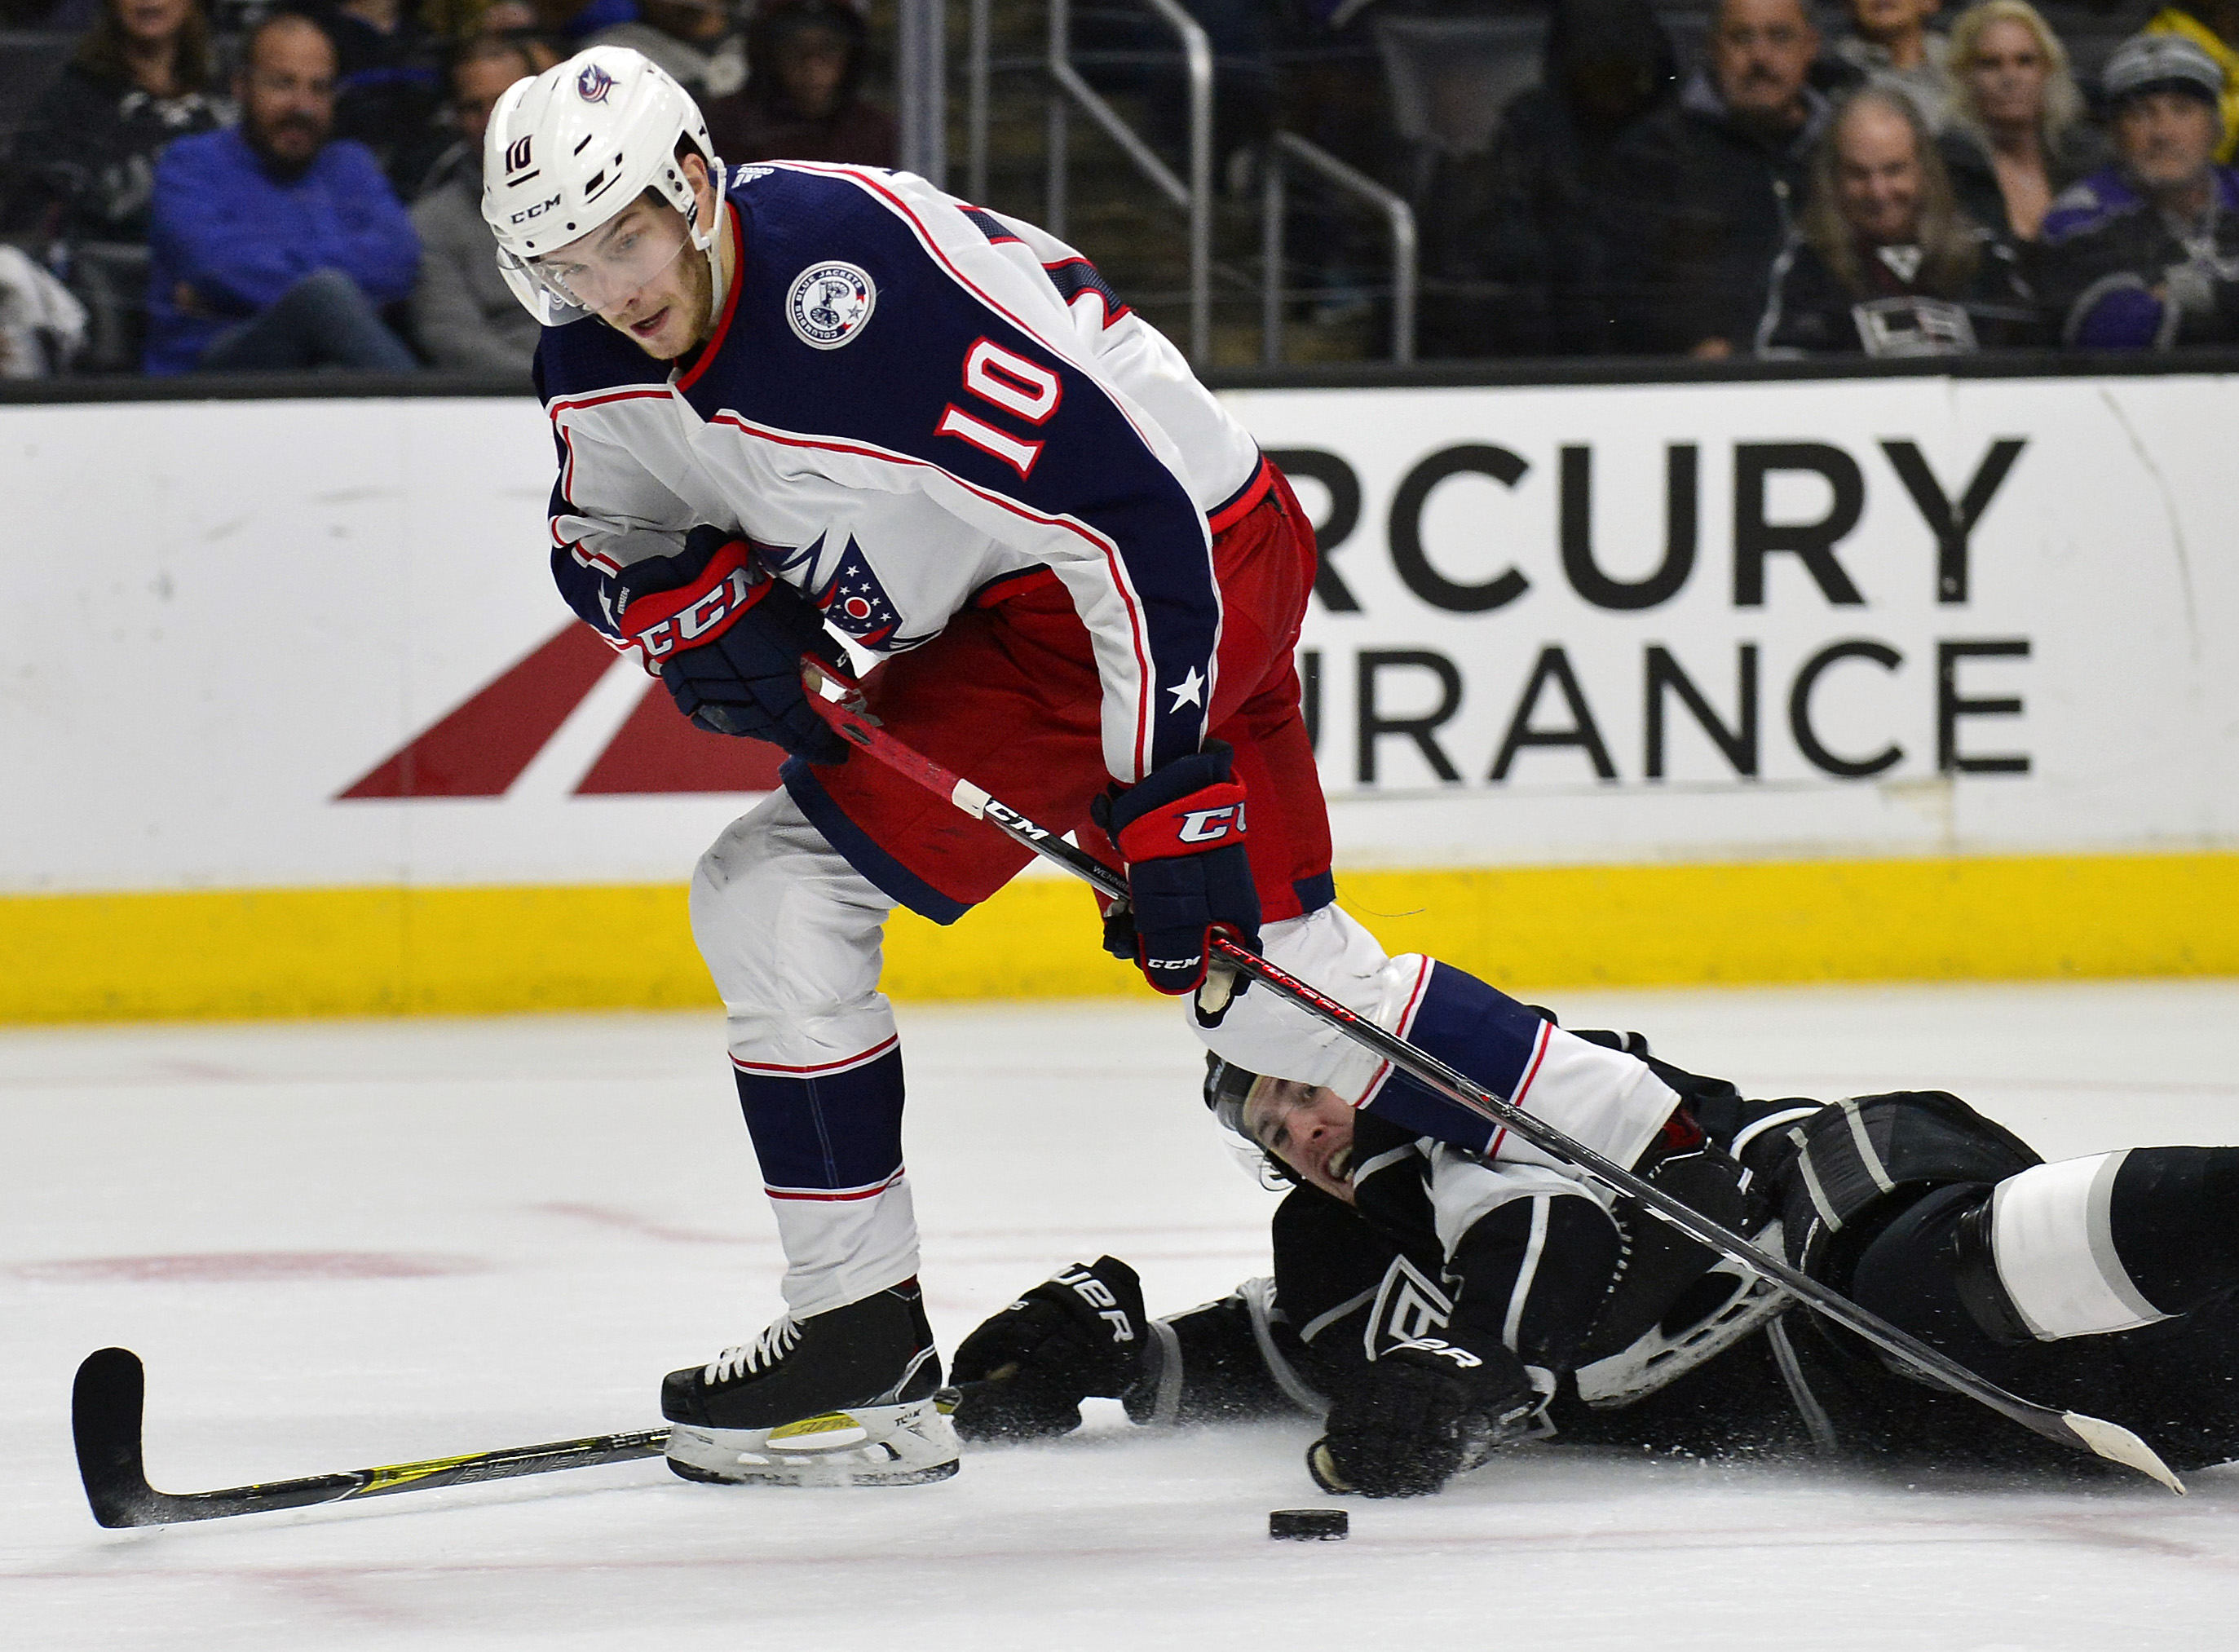 NHL: Columbus Blue Jackets at Los Angeles Kings